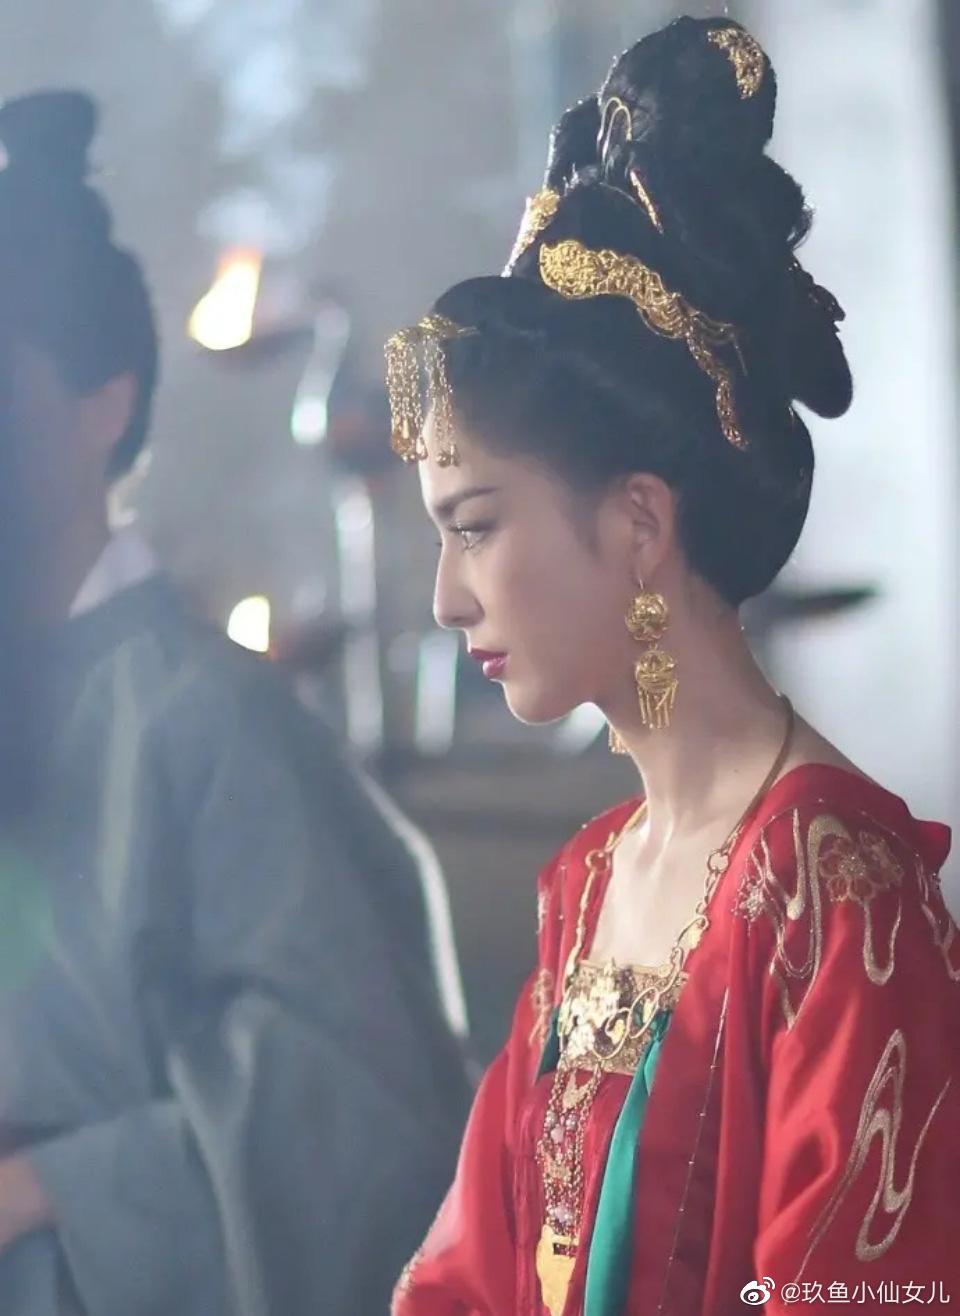 Ở tuổi U40, mà Đồng Lệ Á vẫn bùng nổ visual khi hóa thân thành Tây Thi đẹp xuất sắc trong phim mới - Ảnh 4.